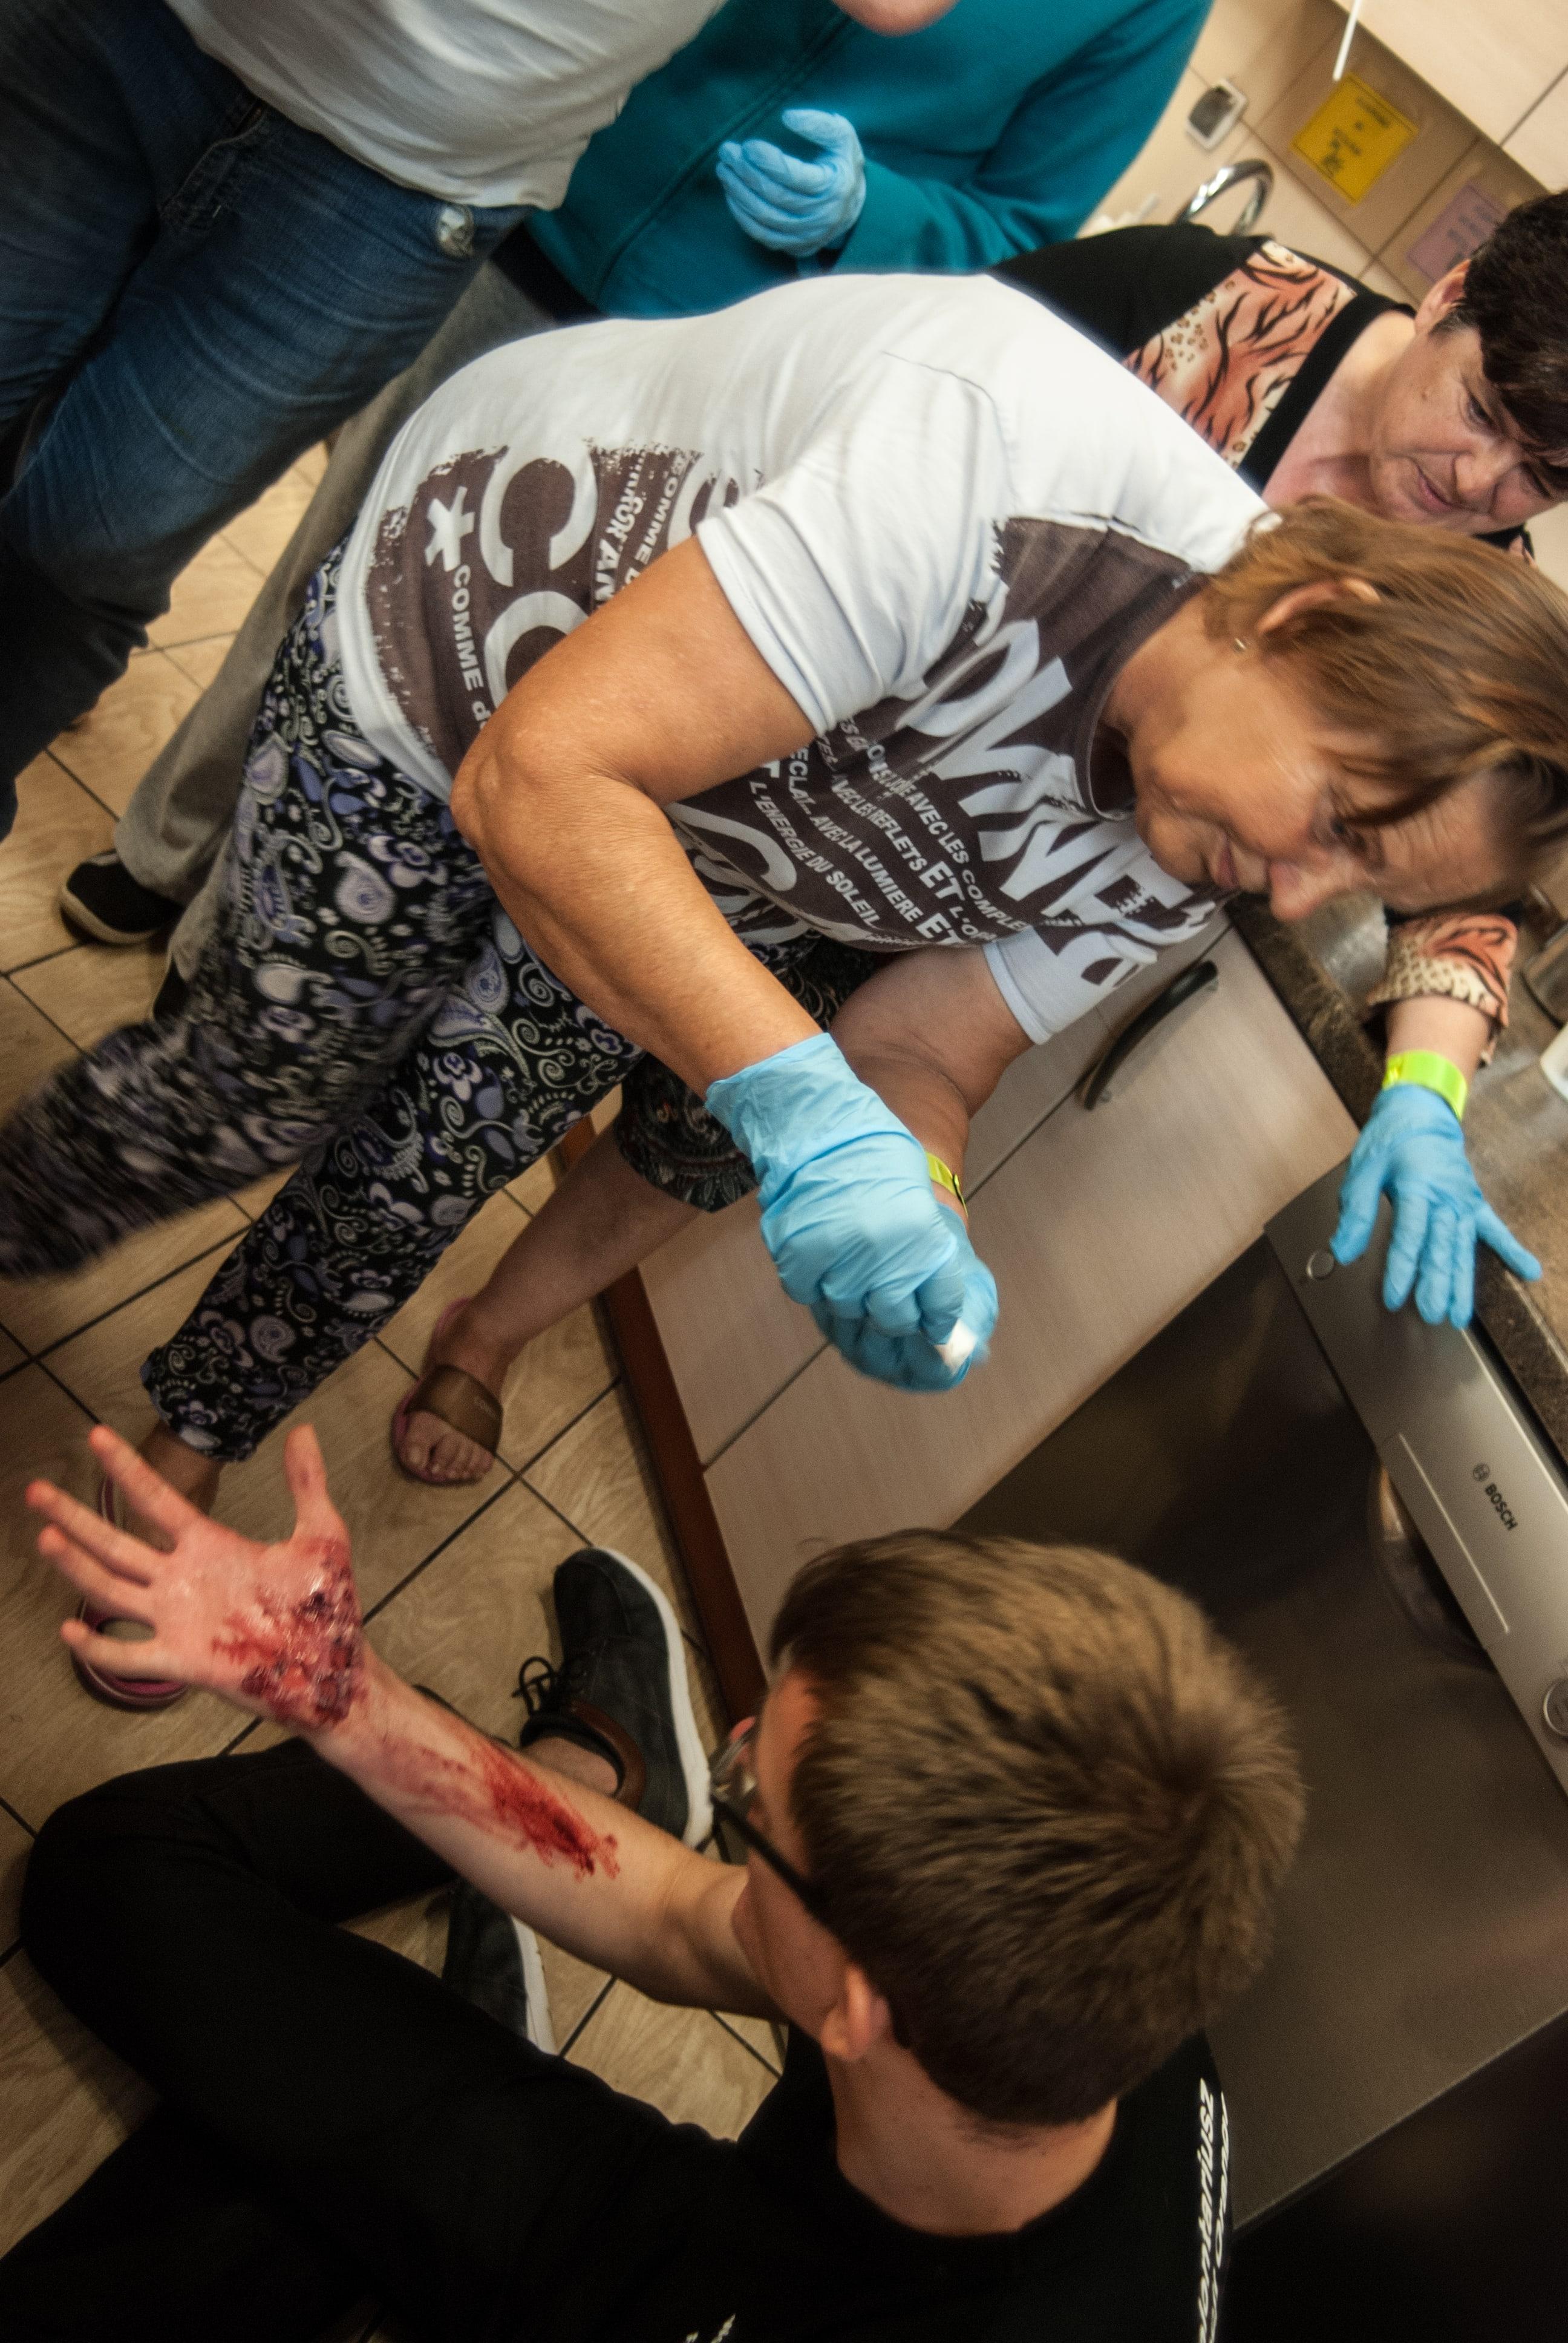 pierwsza pomoc oparzenie ręki, poparzona skóra, jałowe opatrunki, rescue